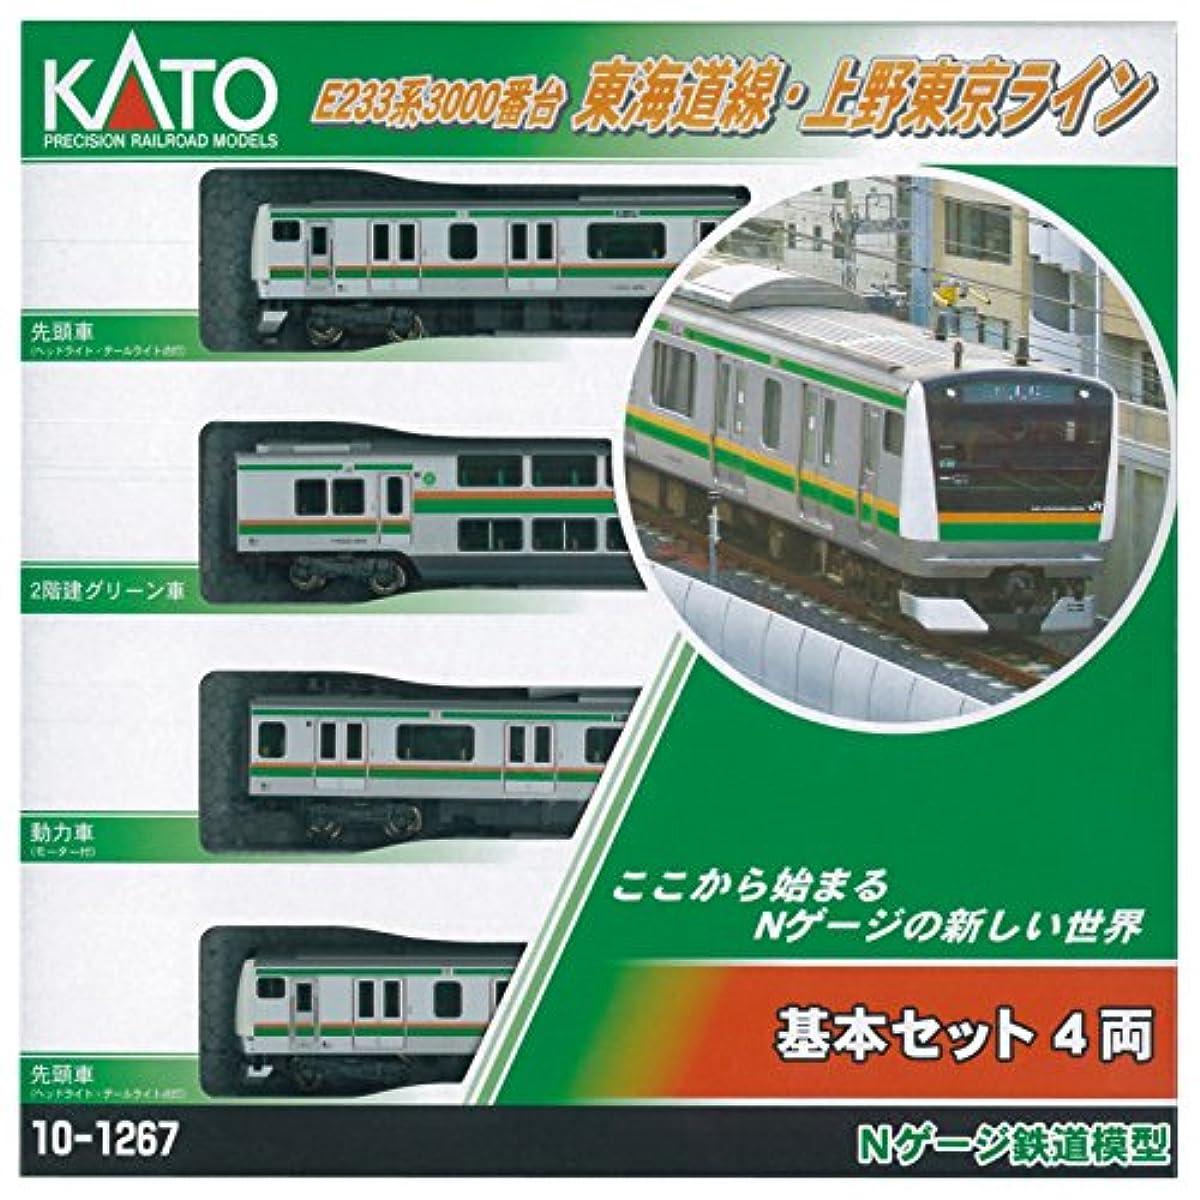 [해외] KATO N게이지 E233 계 3000카운터 토카이도선우에노 도쿄 라인 기본 4 양세트 10-1267 철도 모형 전철-10-1267 (2015-03-28)